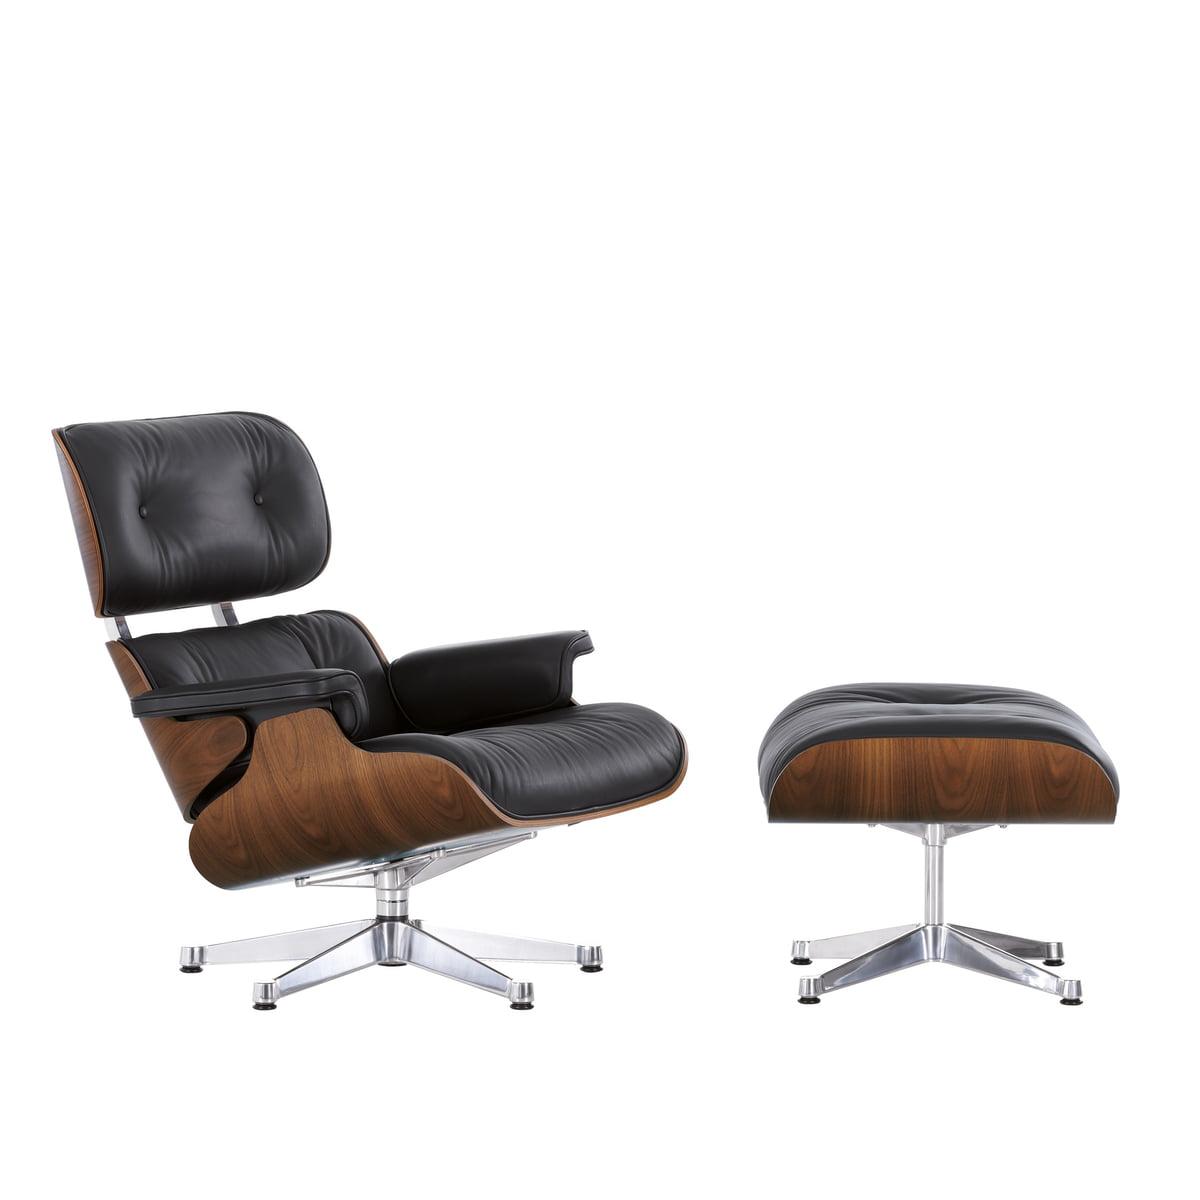 Entzuckend Vitra   Lounge Chair U0026 Ottoman In Wallnuss Verschromt